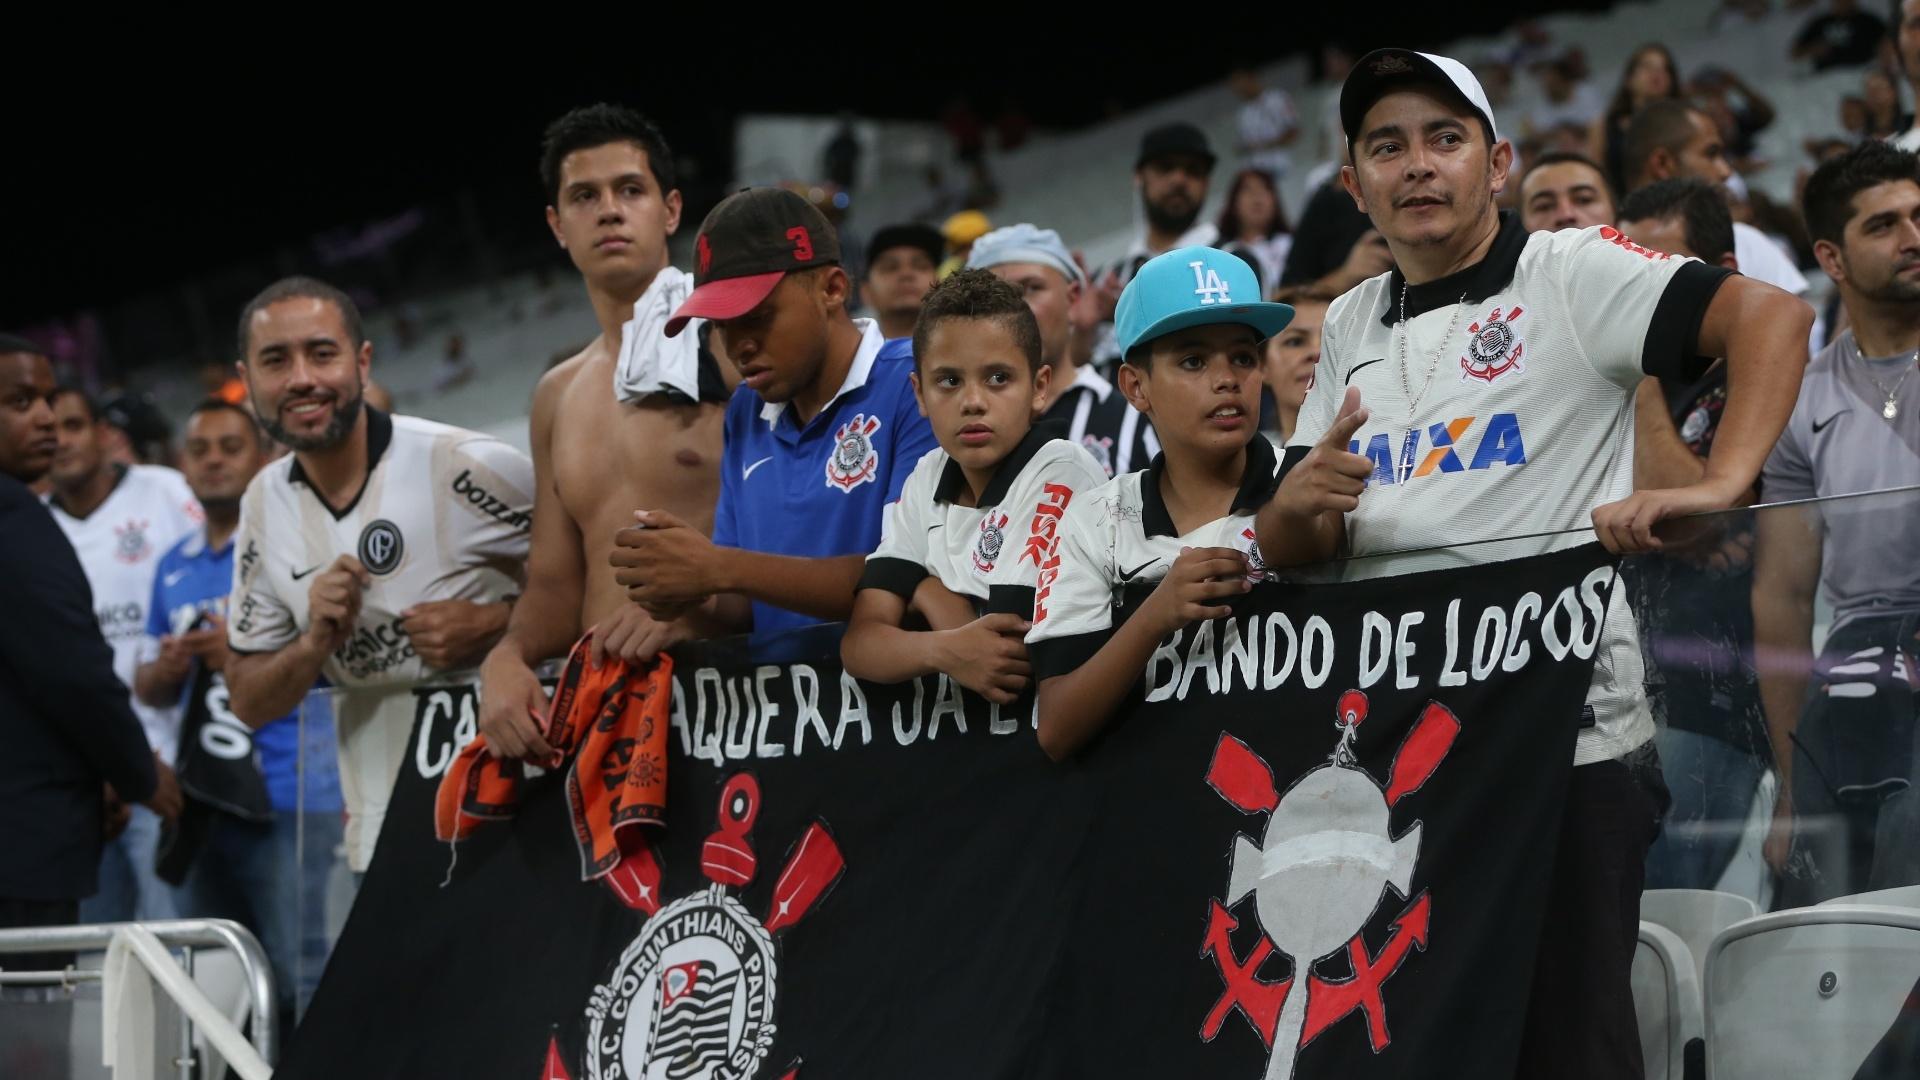 Torcida do Corinthians aguarda início da partida contra o Goiás pela 30ª rodada do Campeonato Brasileiro